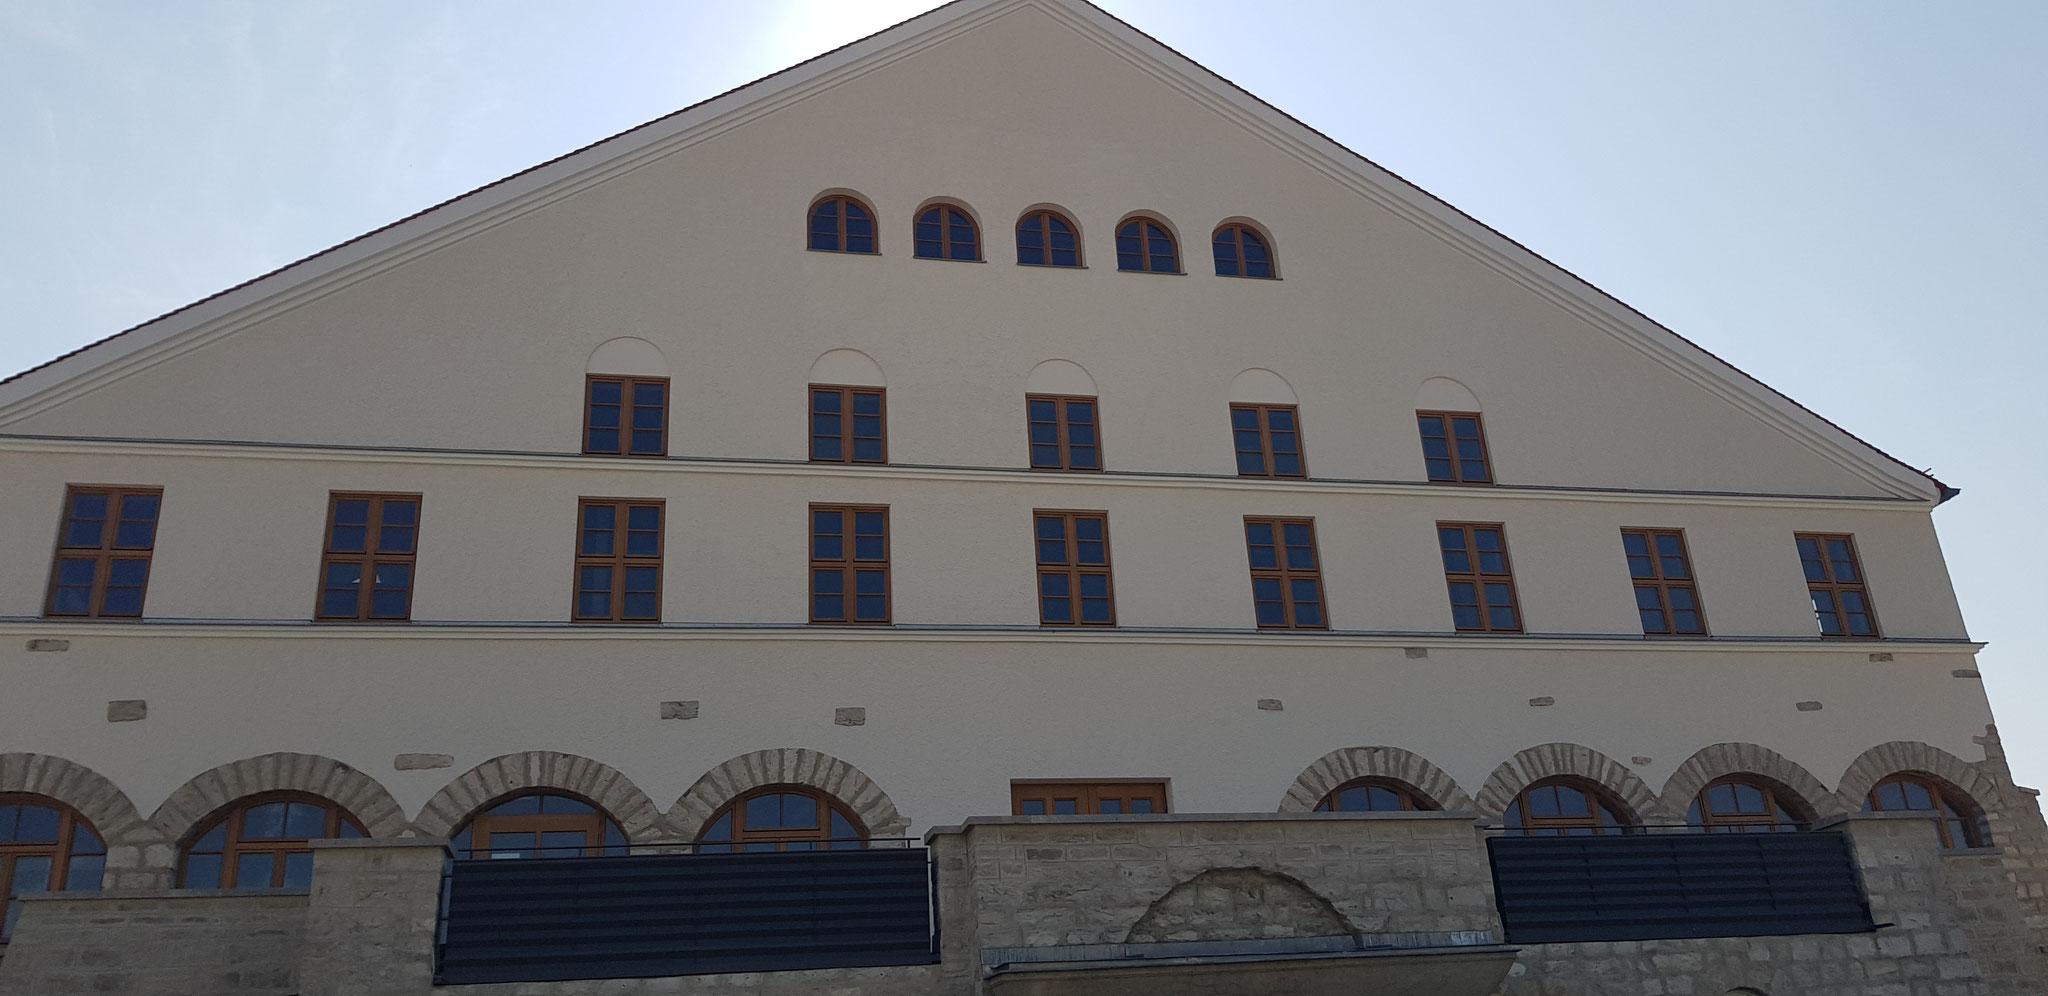 Baustelle in Neumarkt, Außenputz und Malerarbeiten 2018